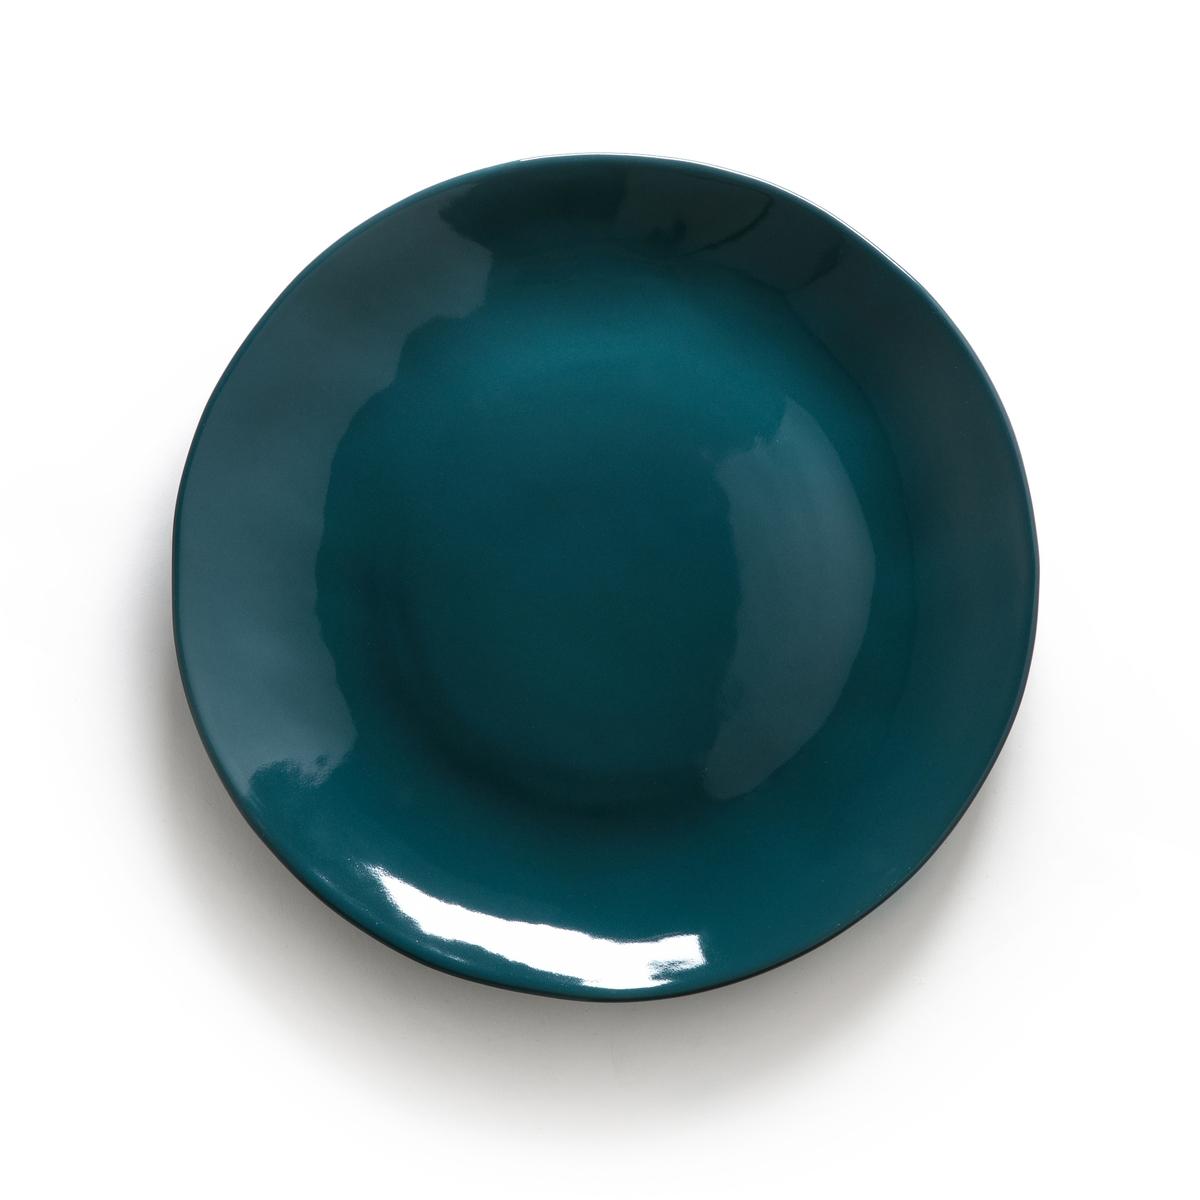 Комплект из 4 плоских тарелок  керамики, KILMIA